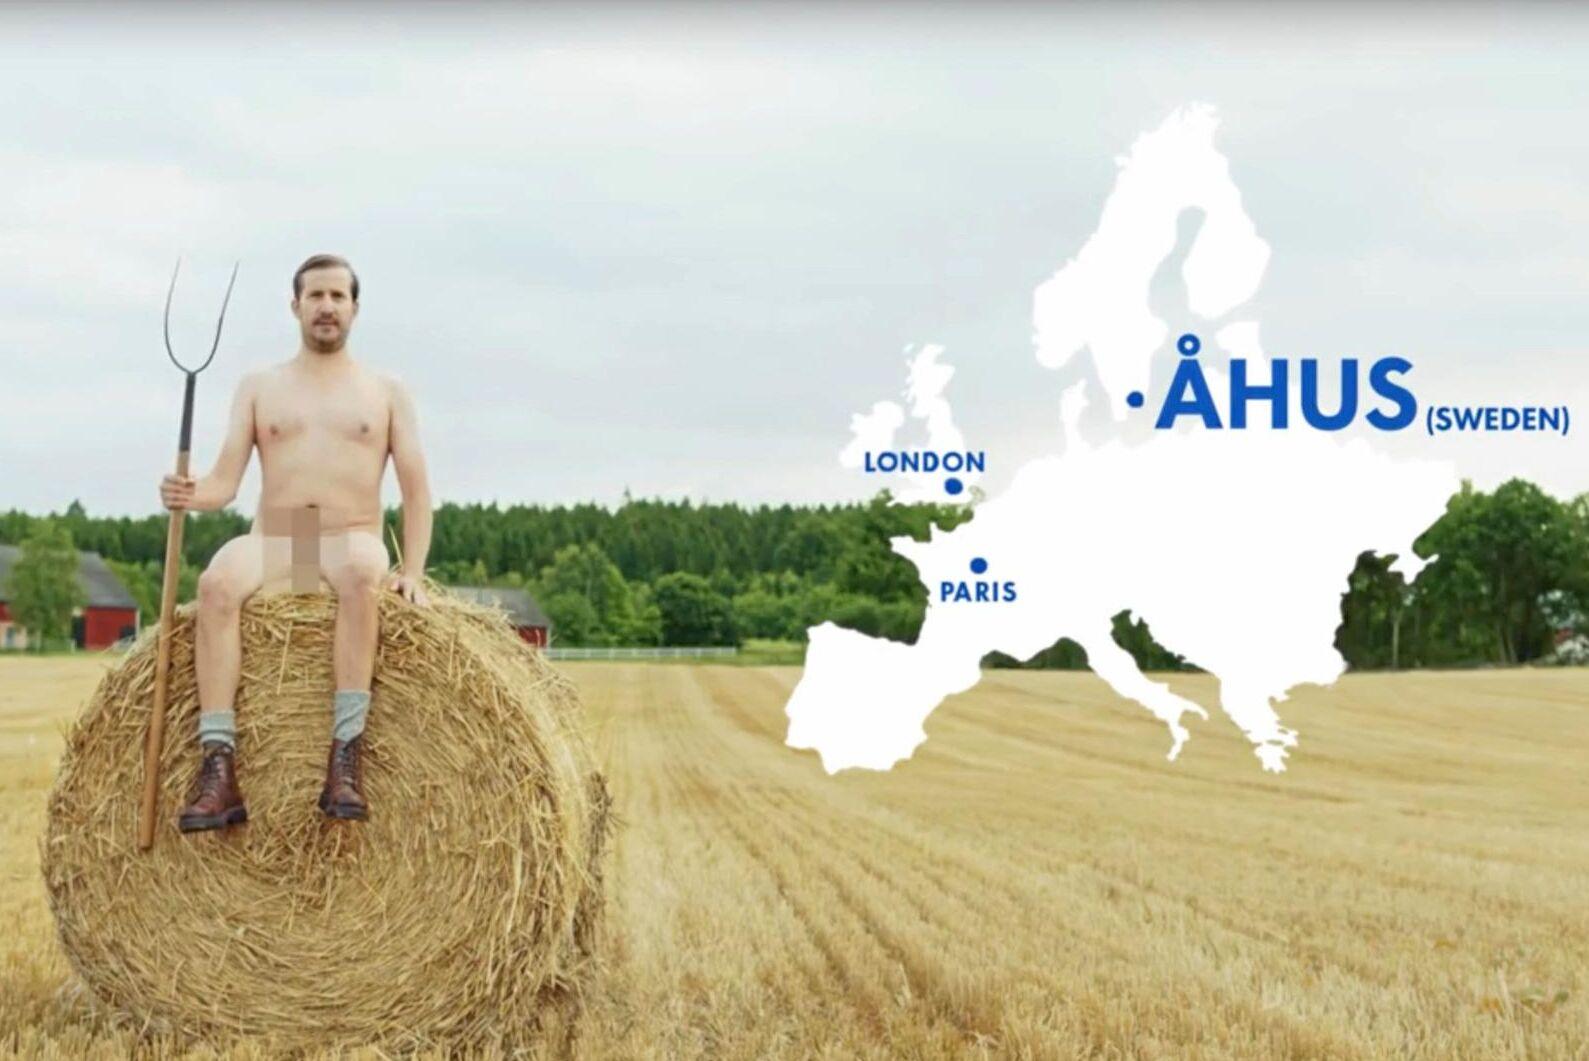 I sin reklamfilm hävdar Absolut att vetet kommer från Åhus. Men det är inte sant.